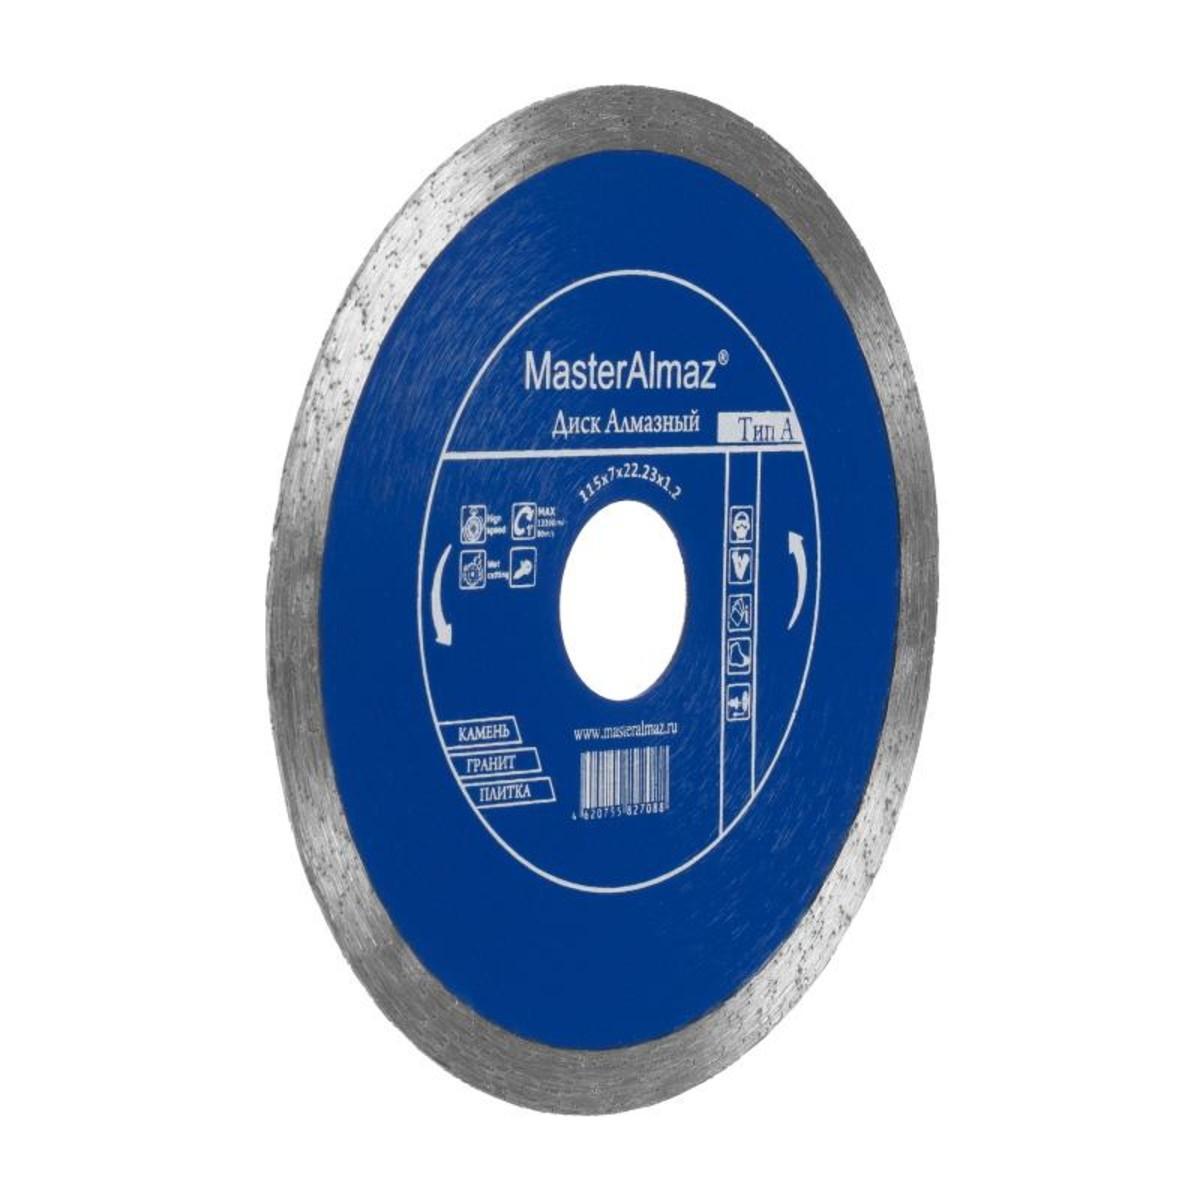 Диск Алмазный Мастералмаз Pro (Тип А) 115Х7Х2223Х12 По Камню И Керамике Сплошной